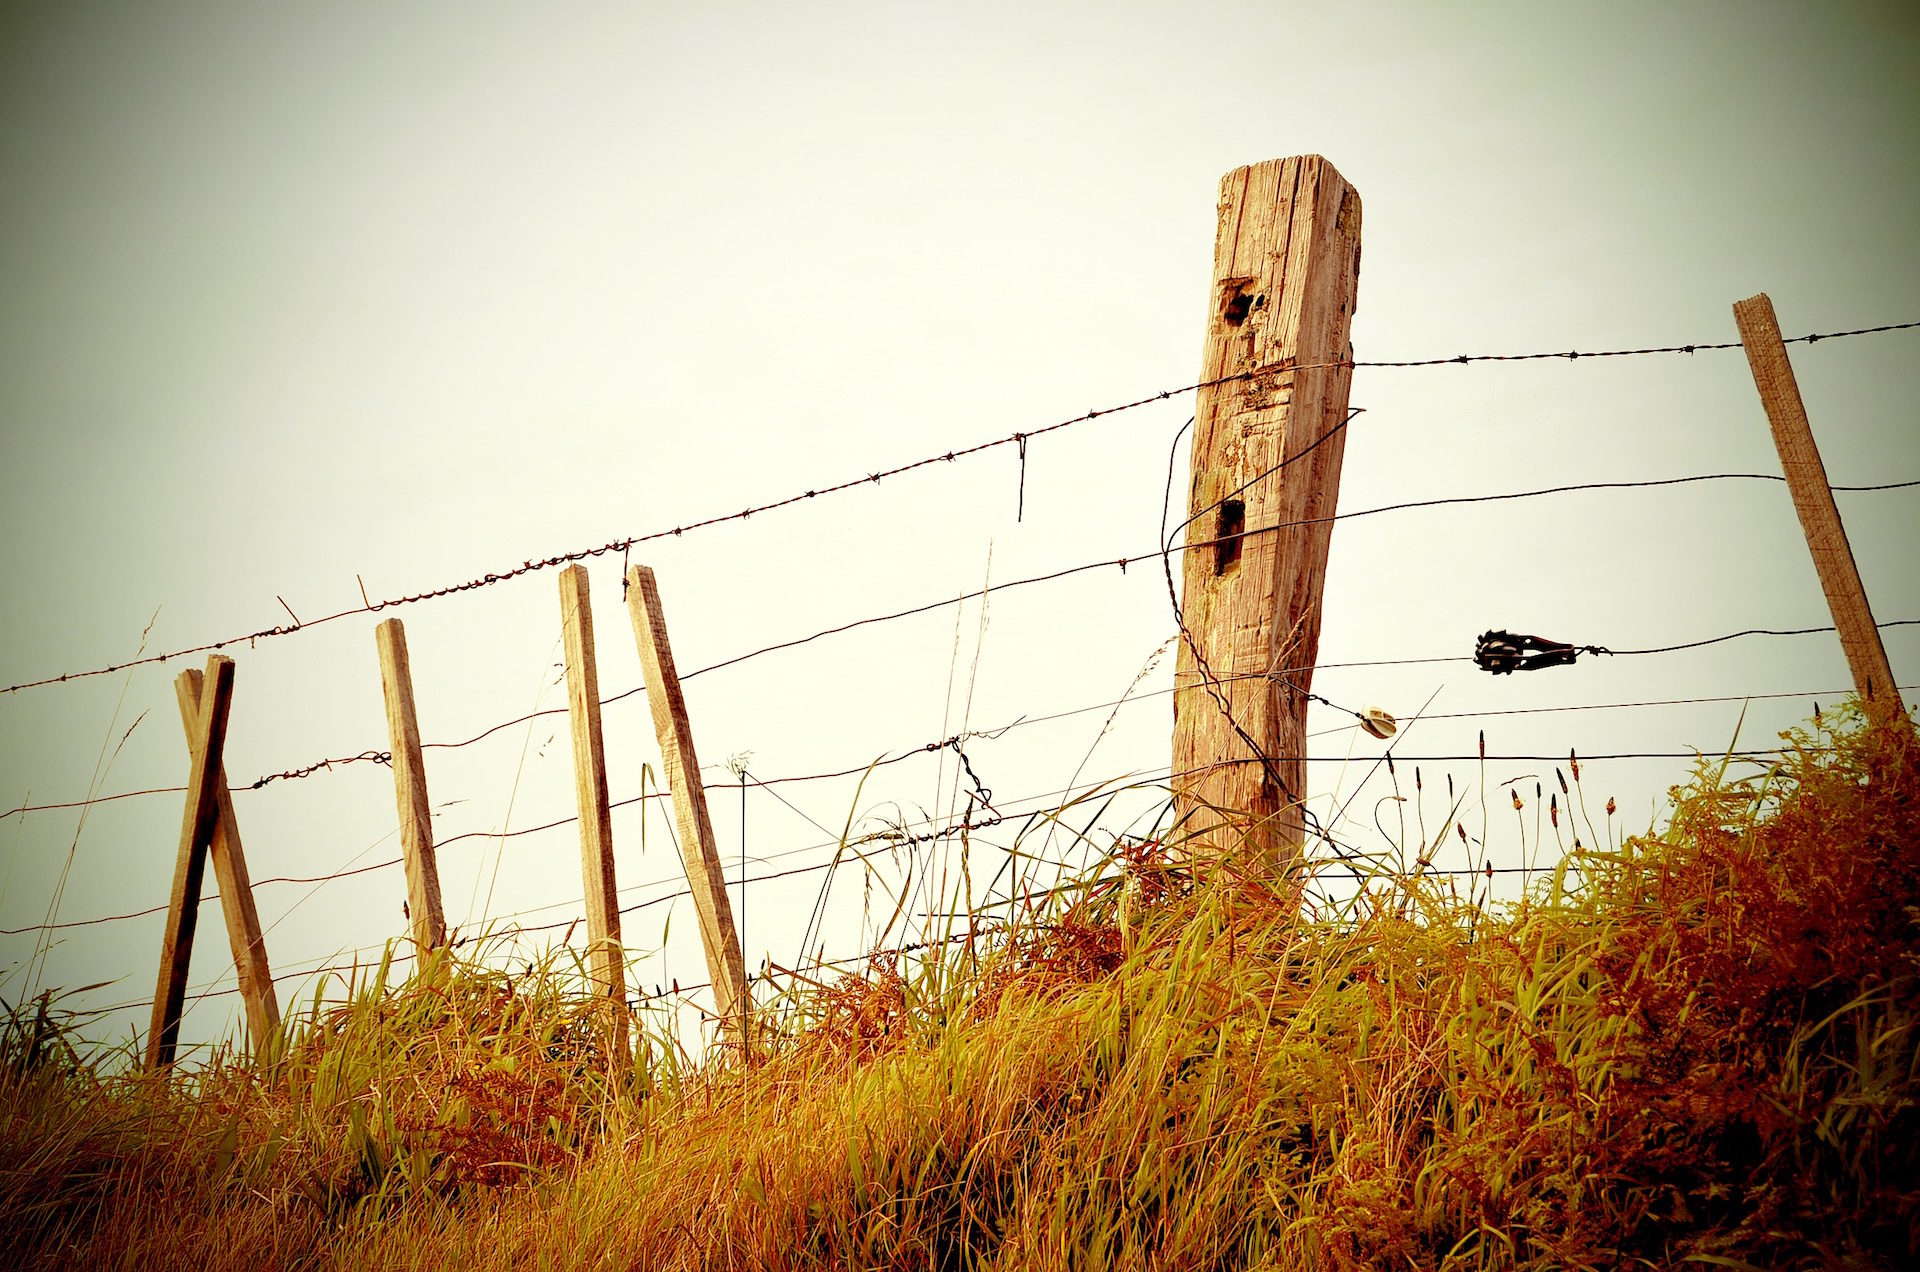 valla, cerca, alambre, roto, viejo - Fondos de Pantalla HD - professor-falken.com